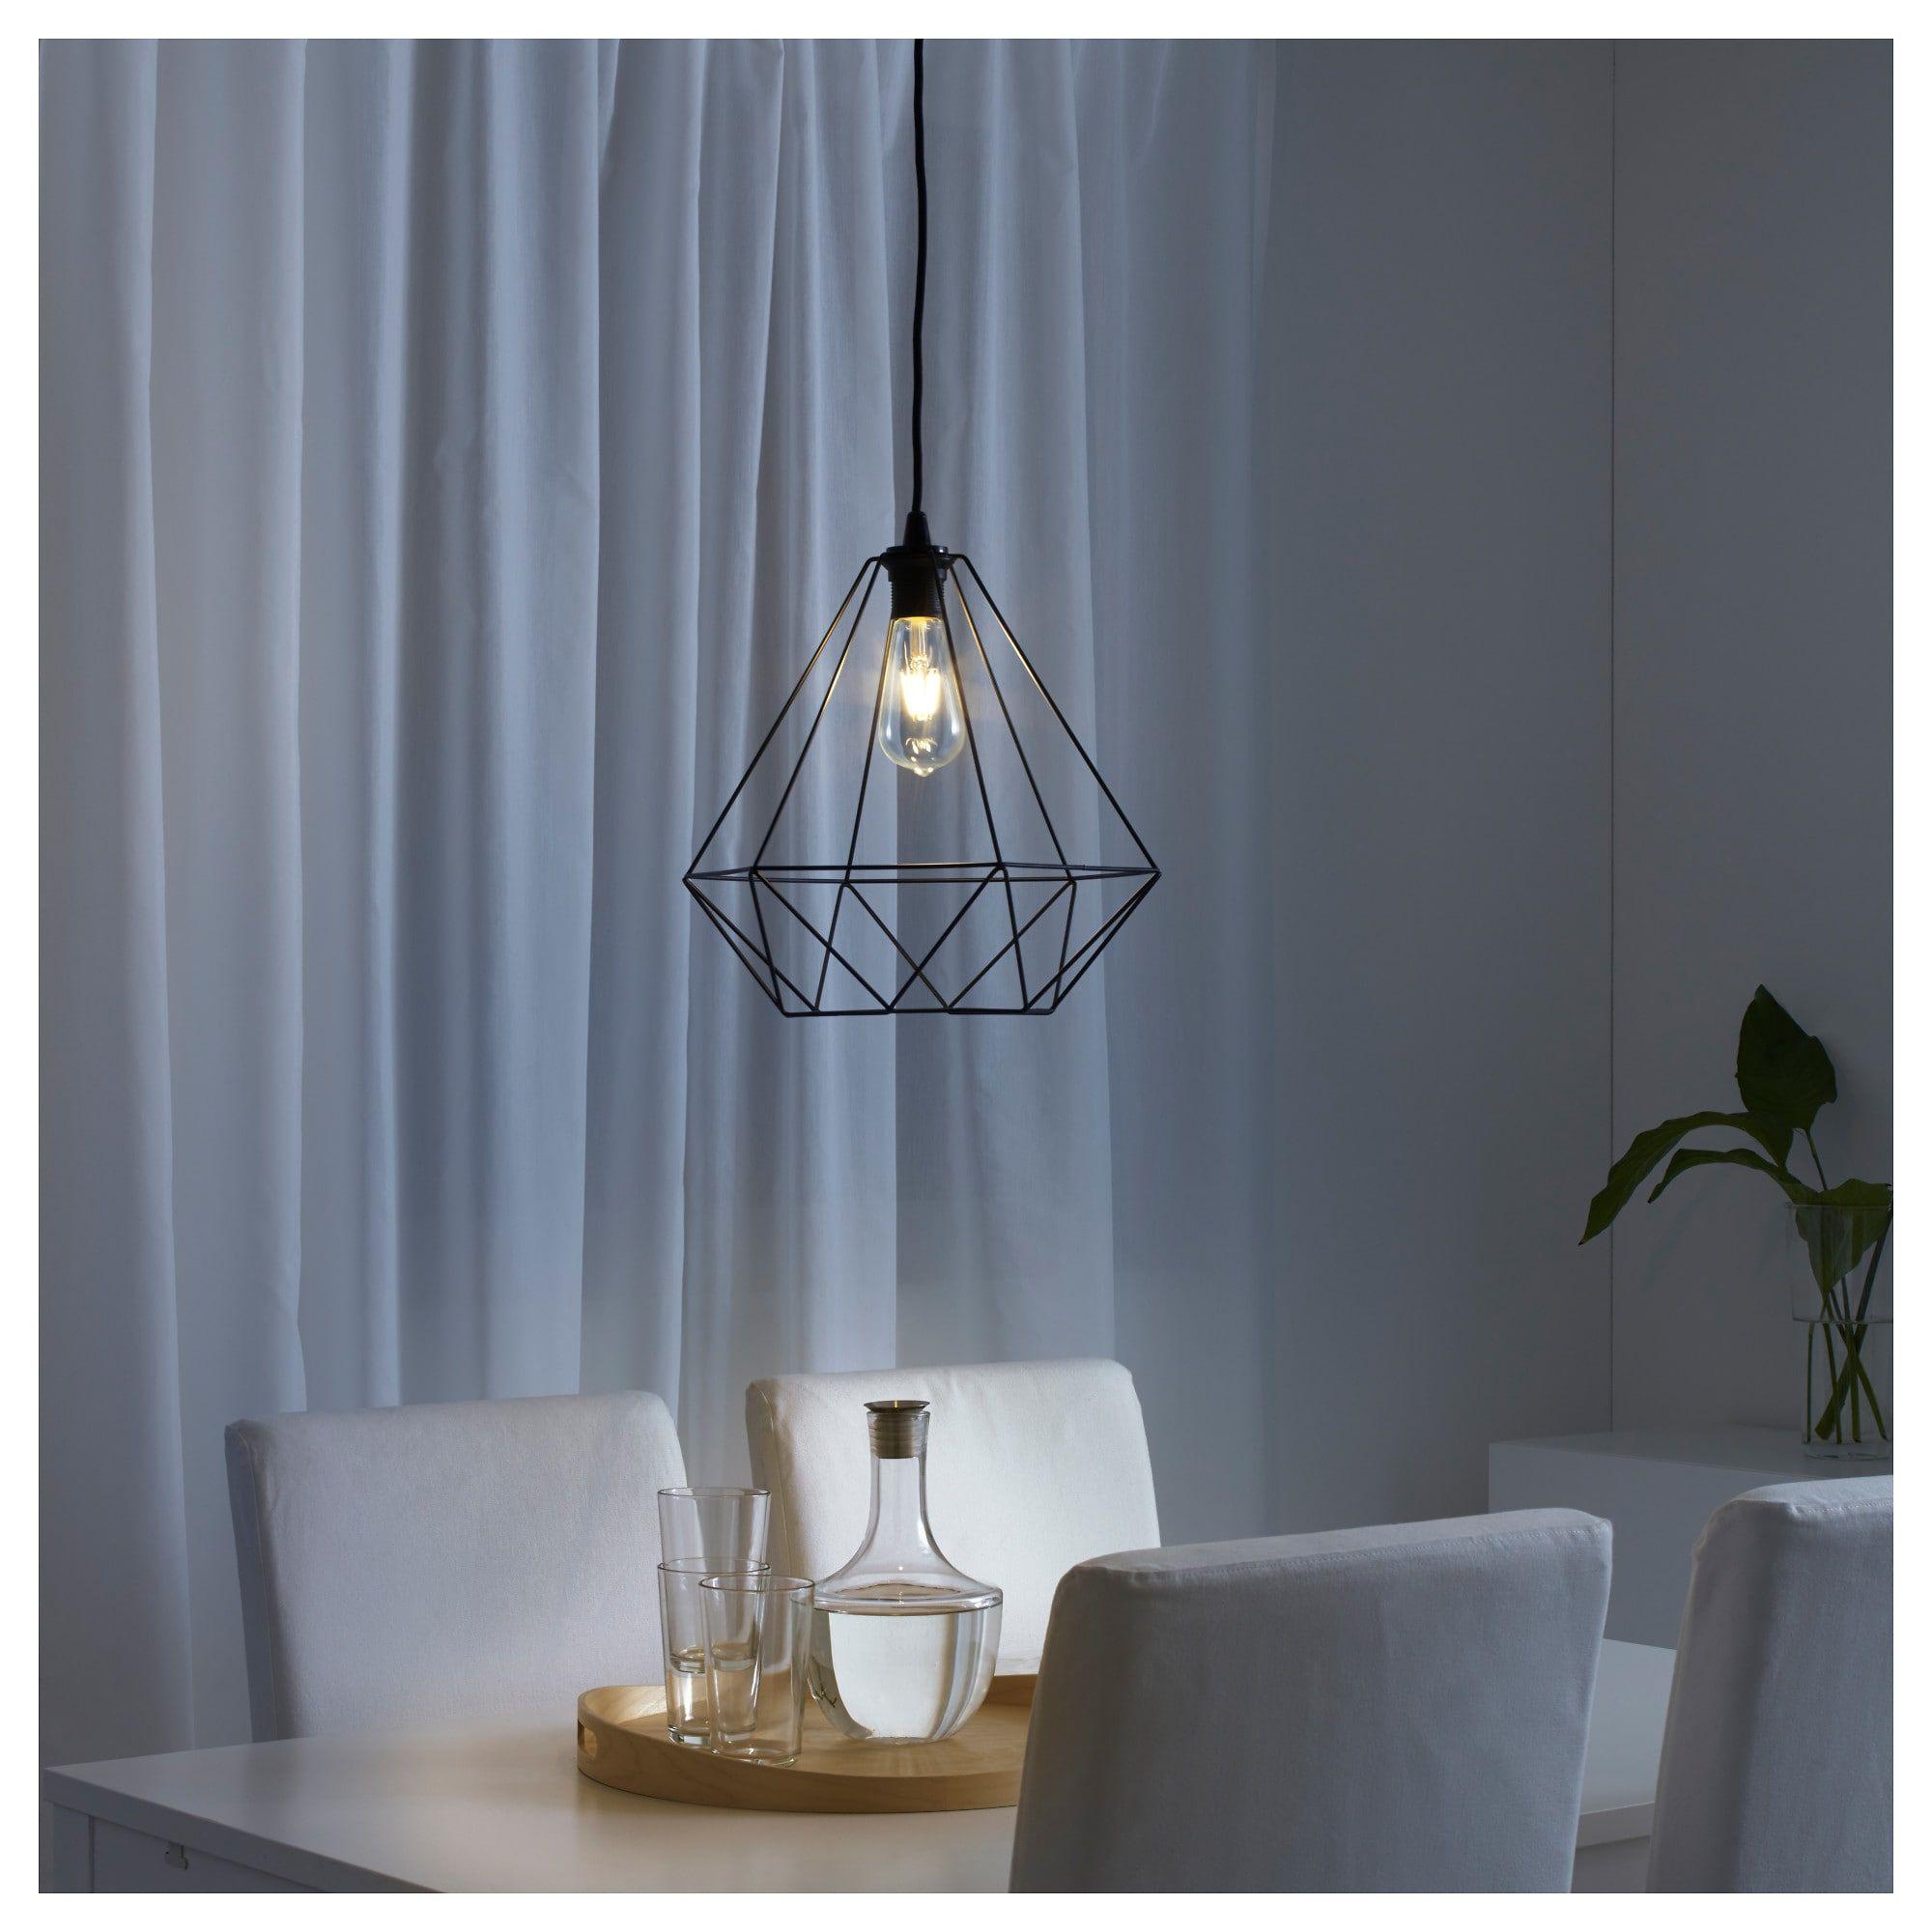 IKEA BRUNSTA Pendant lamp shade black Small lamp